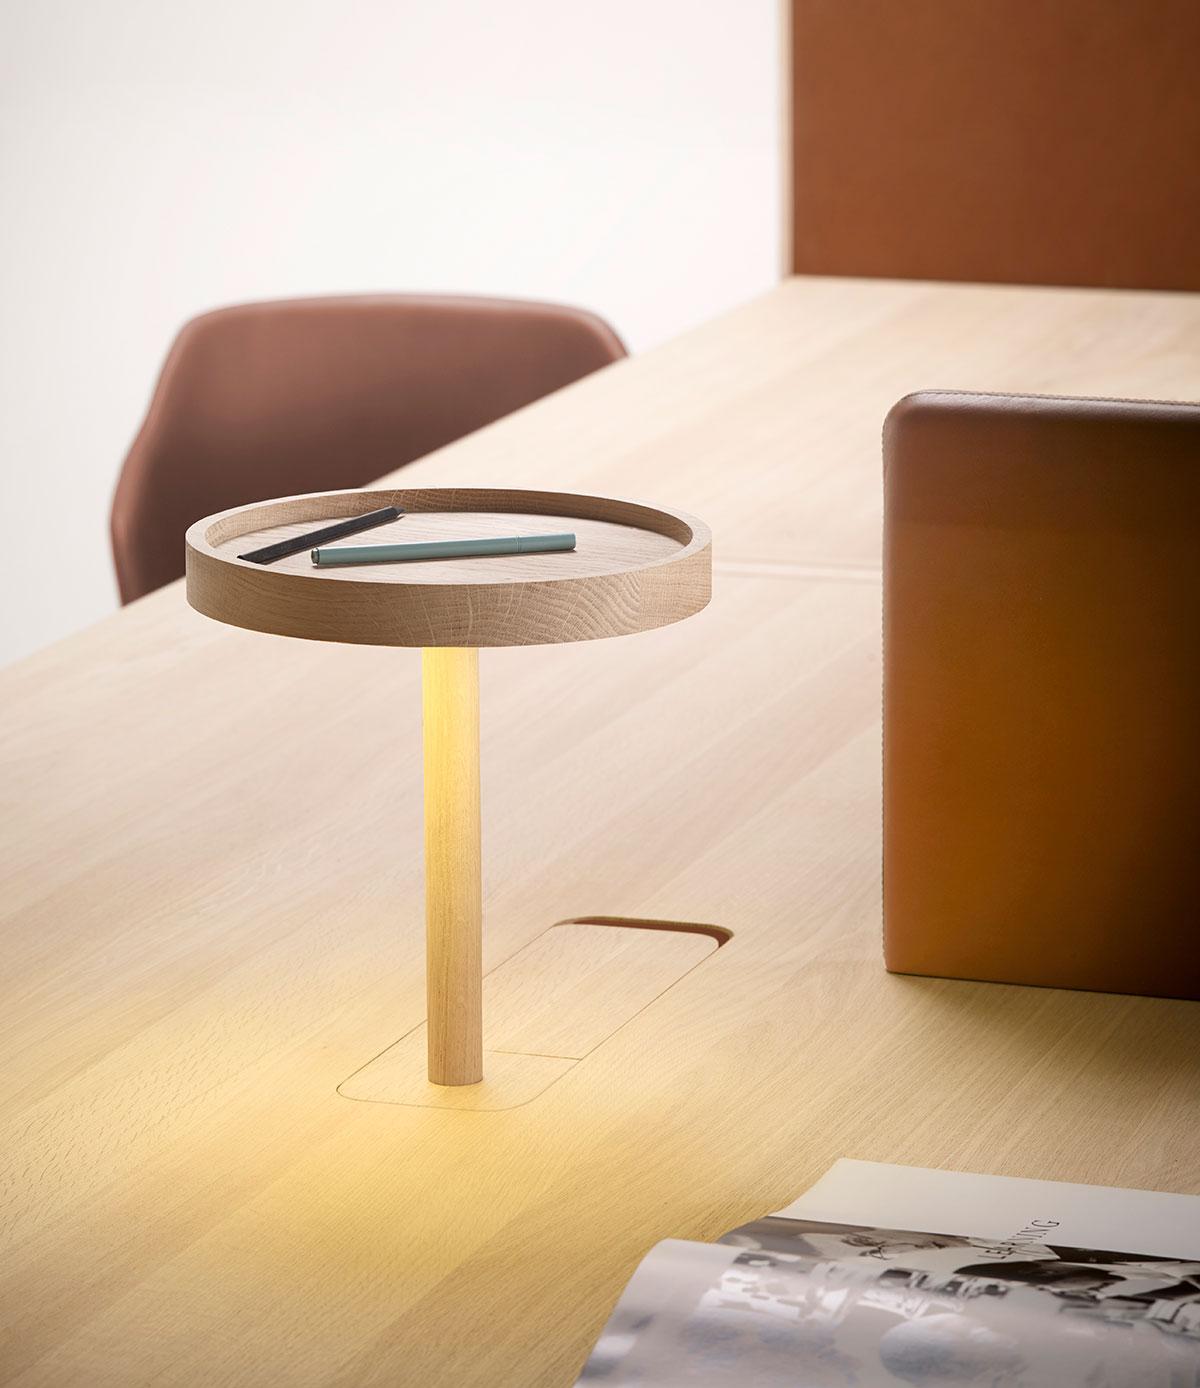 Mesa de trabajo Heldu (encimera), diseñada por Iratzoki & Lizaso. Imagen cortesía de © Alki